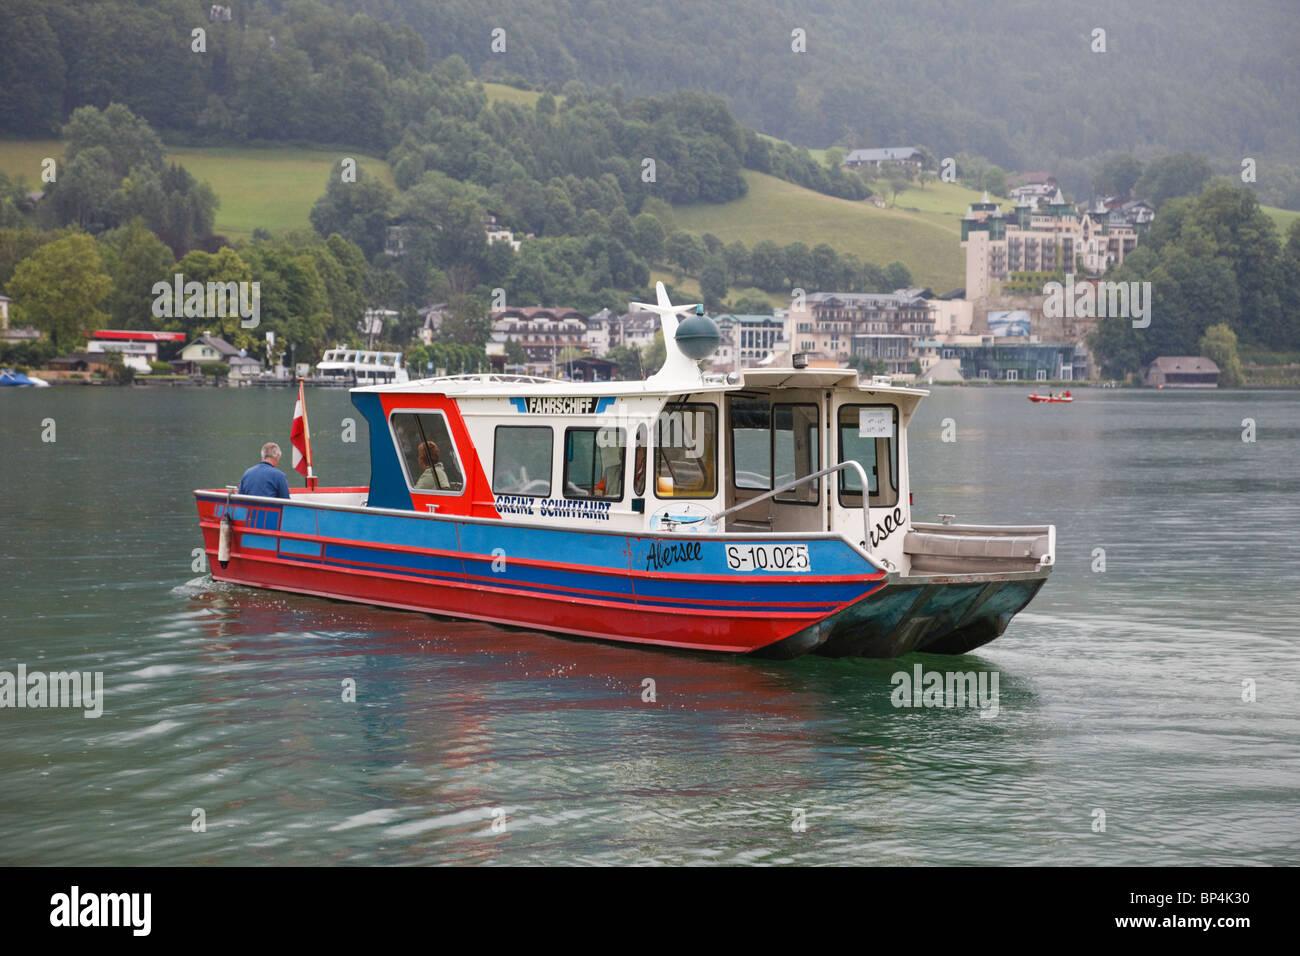 Abersee, Salzkammergut, Upper Austria, Austria, Europe. Small Schifffahrt passenger ferry to St Wolfgang across - Stock Image